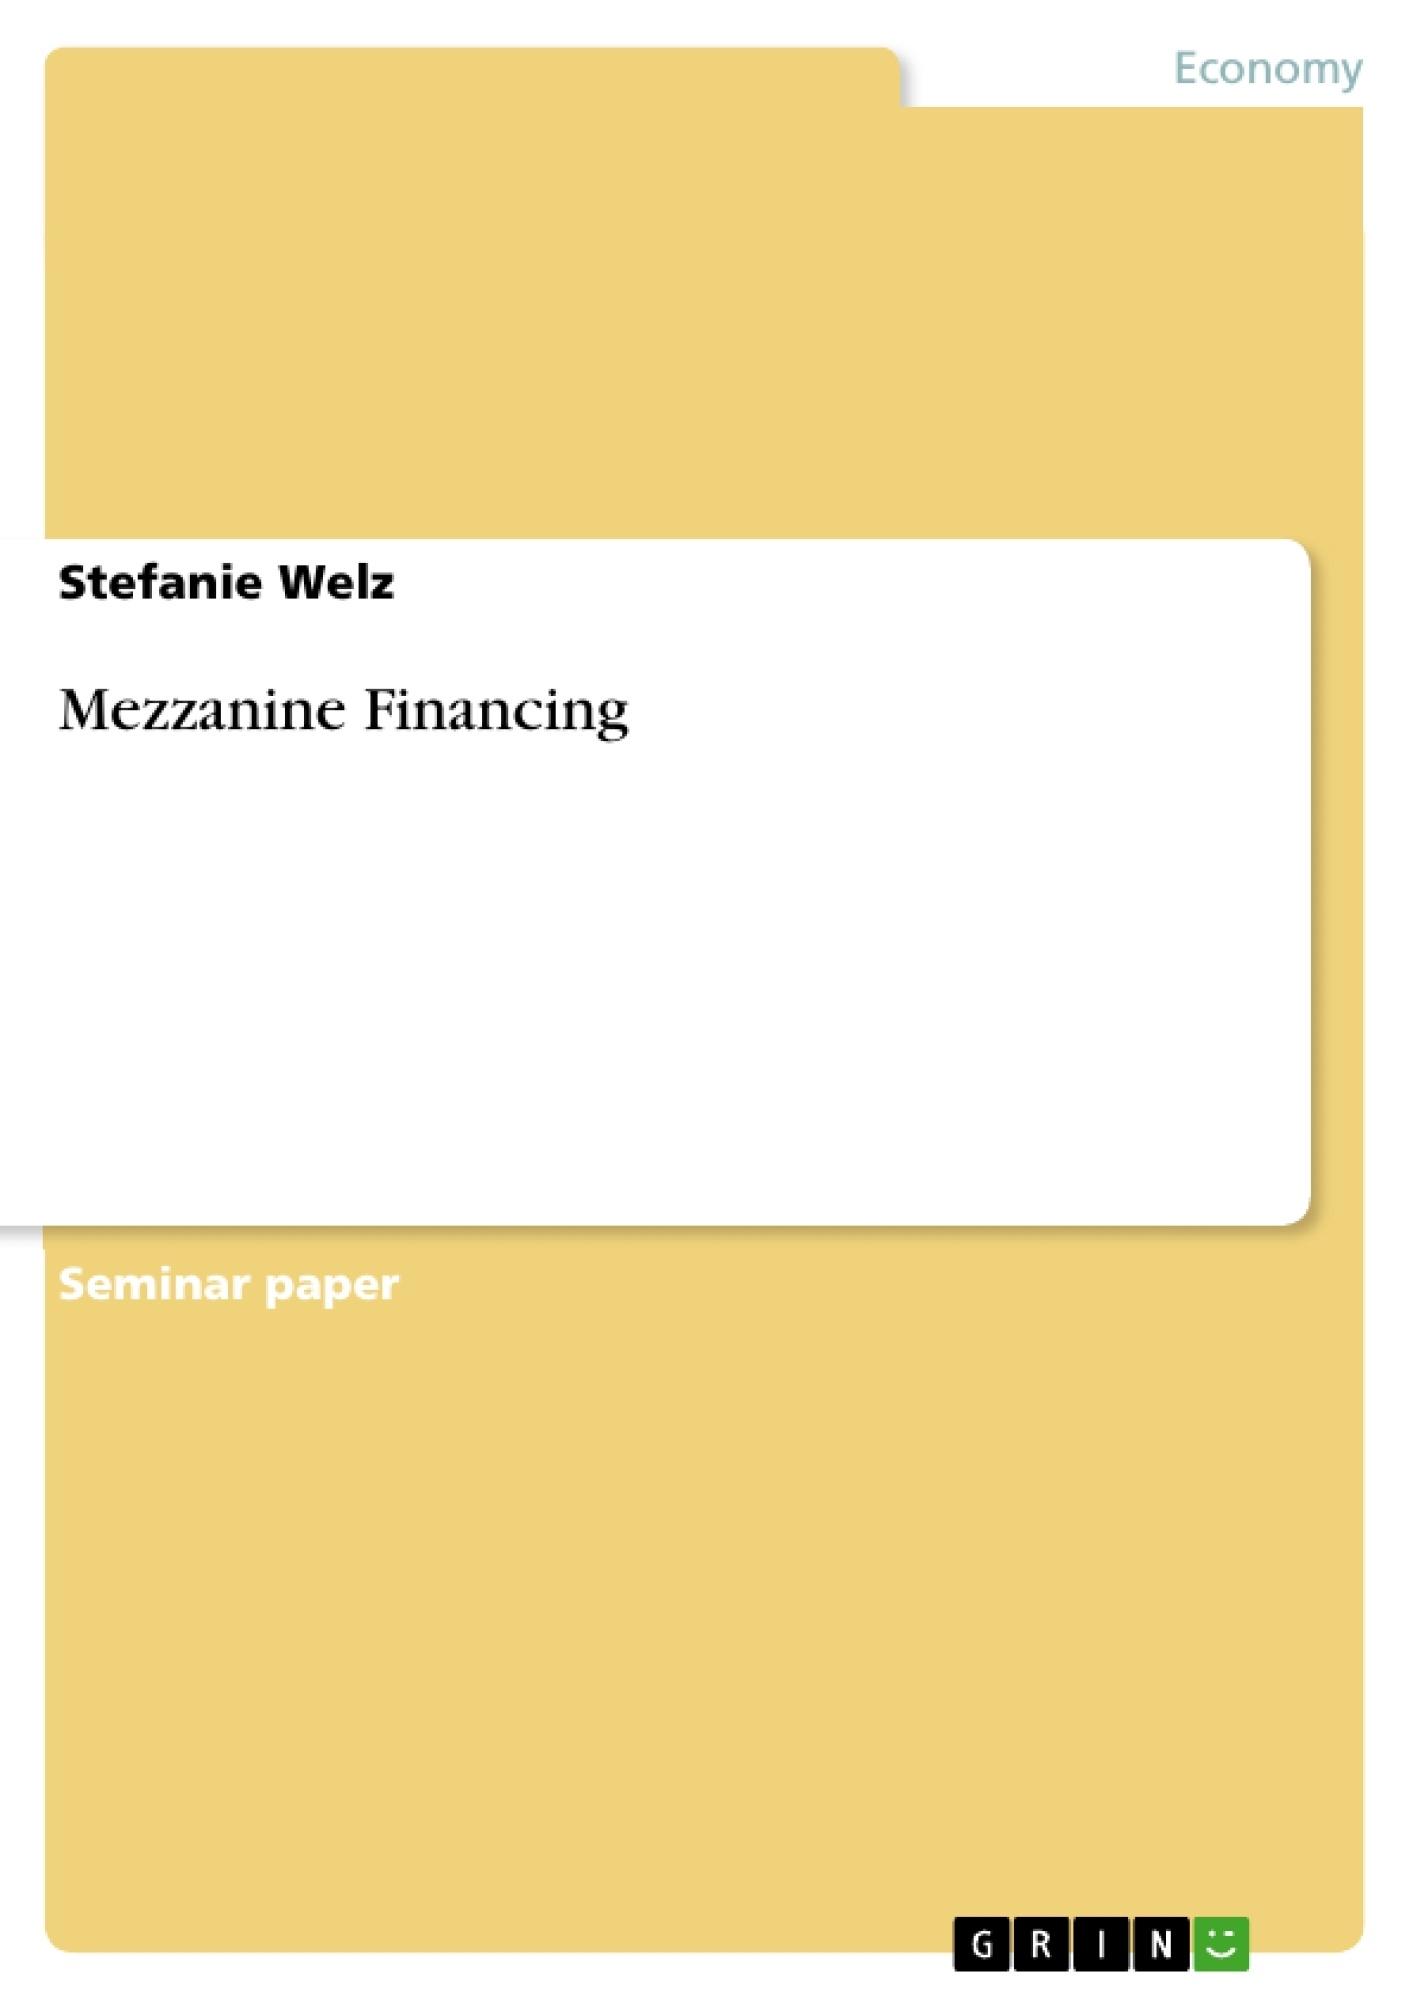 Title: Mezzanine Financing